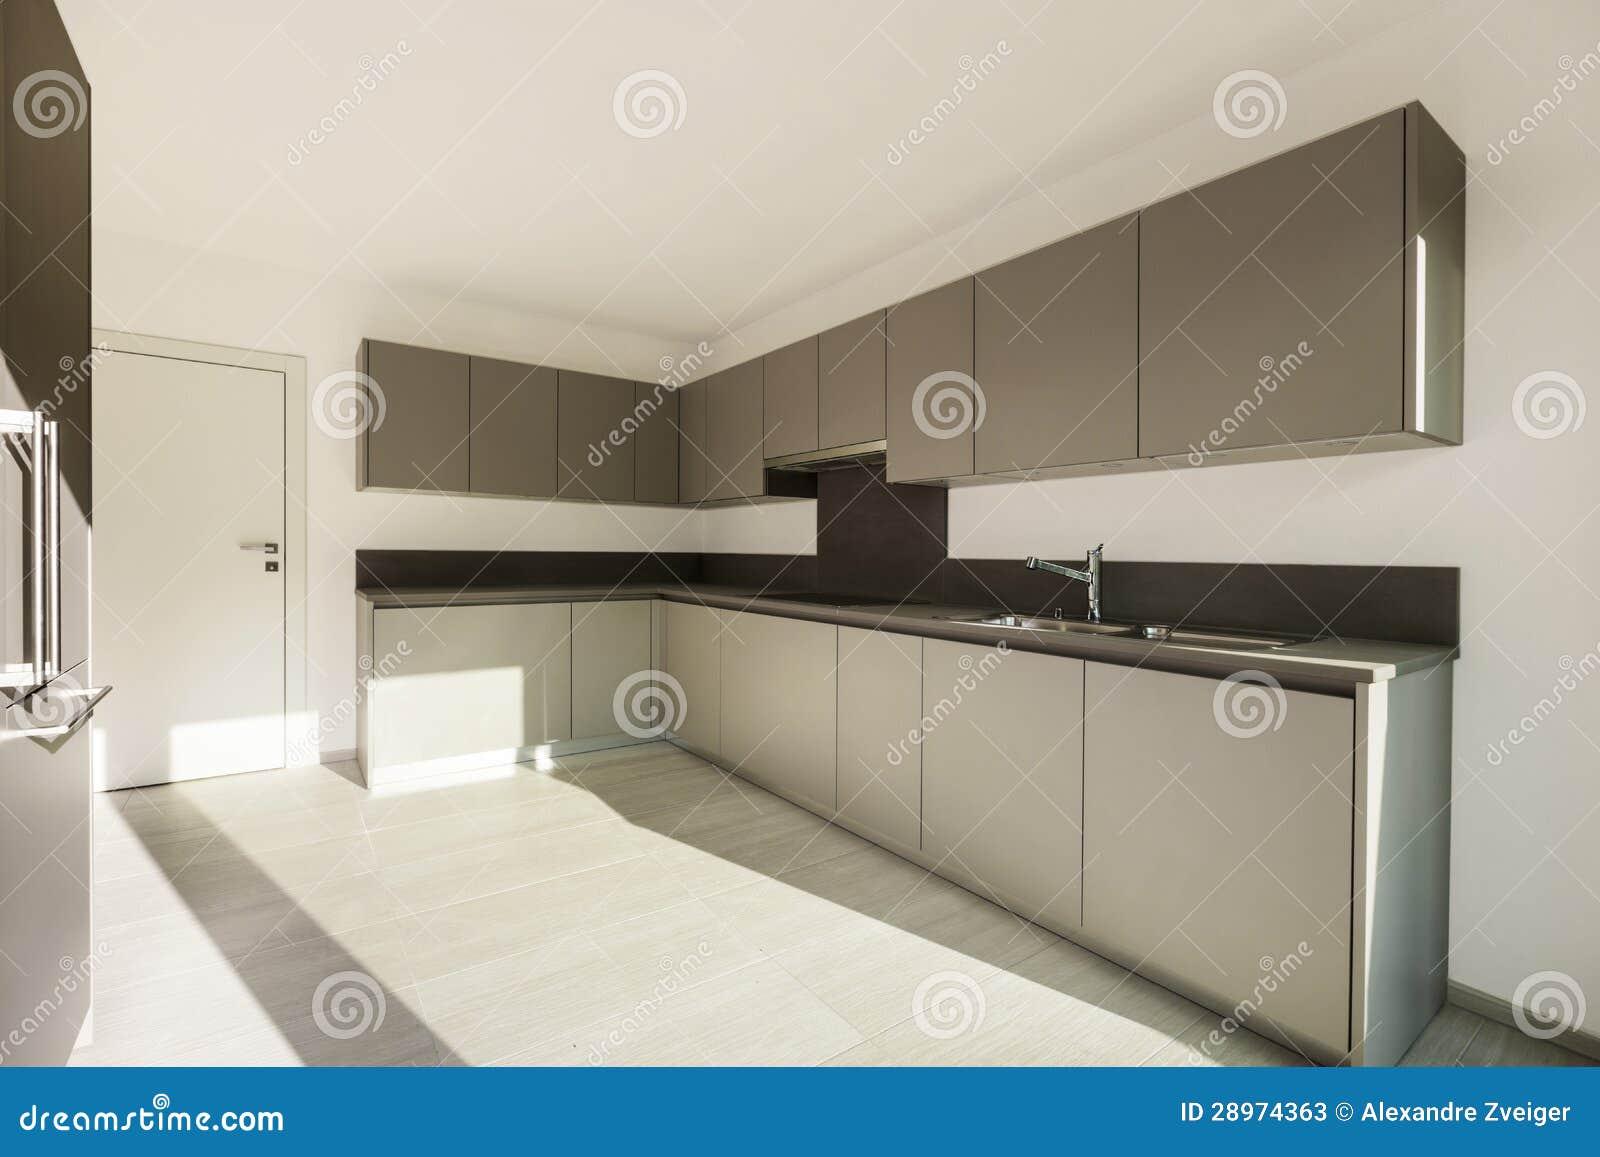 Moderne Keuken FotoS : Binnenlandse, Moderne Keuken Stock Foto's – Afbeelding: 28974363